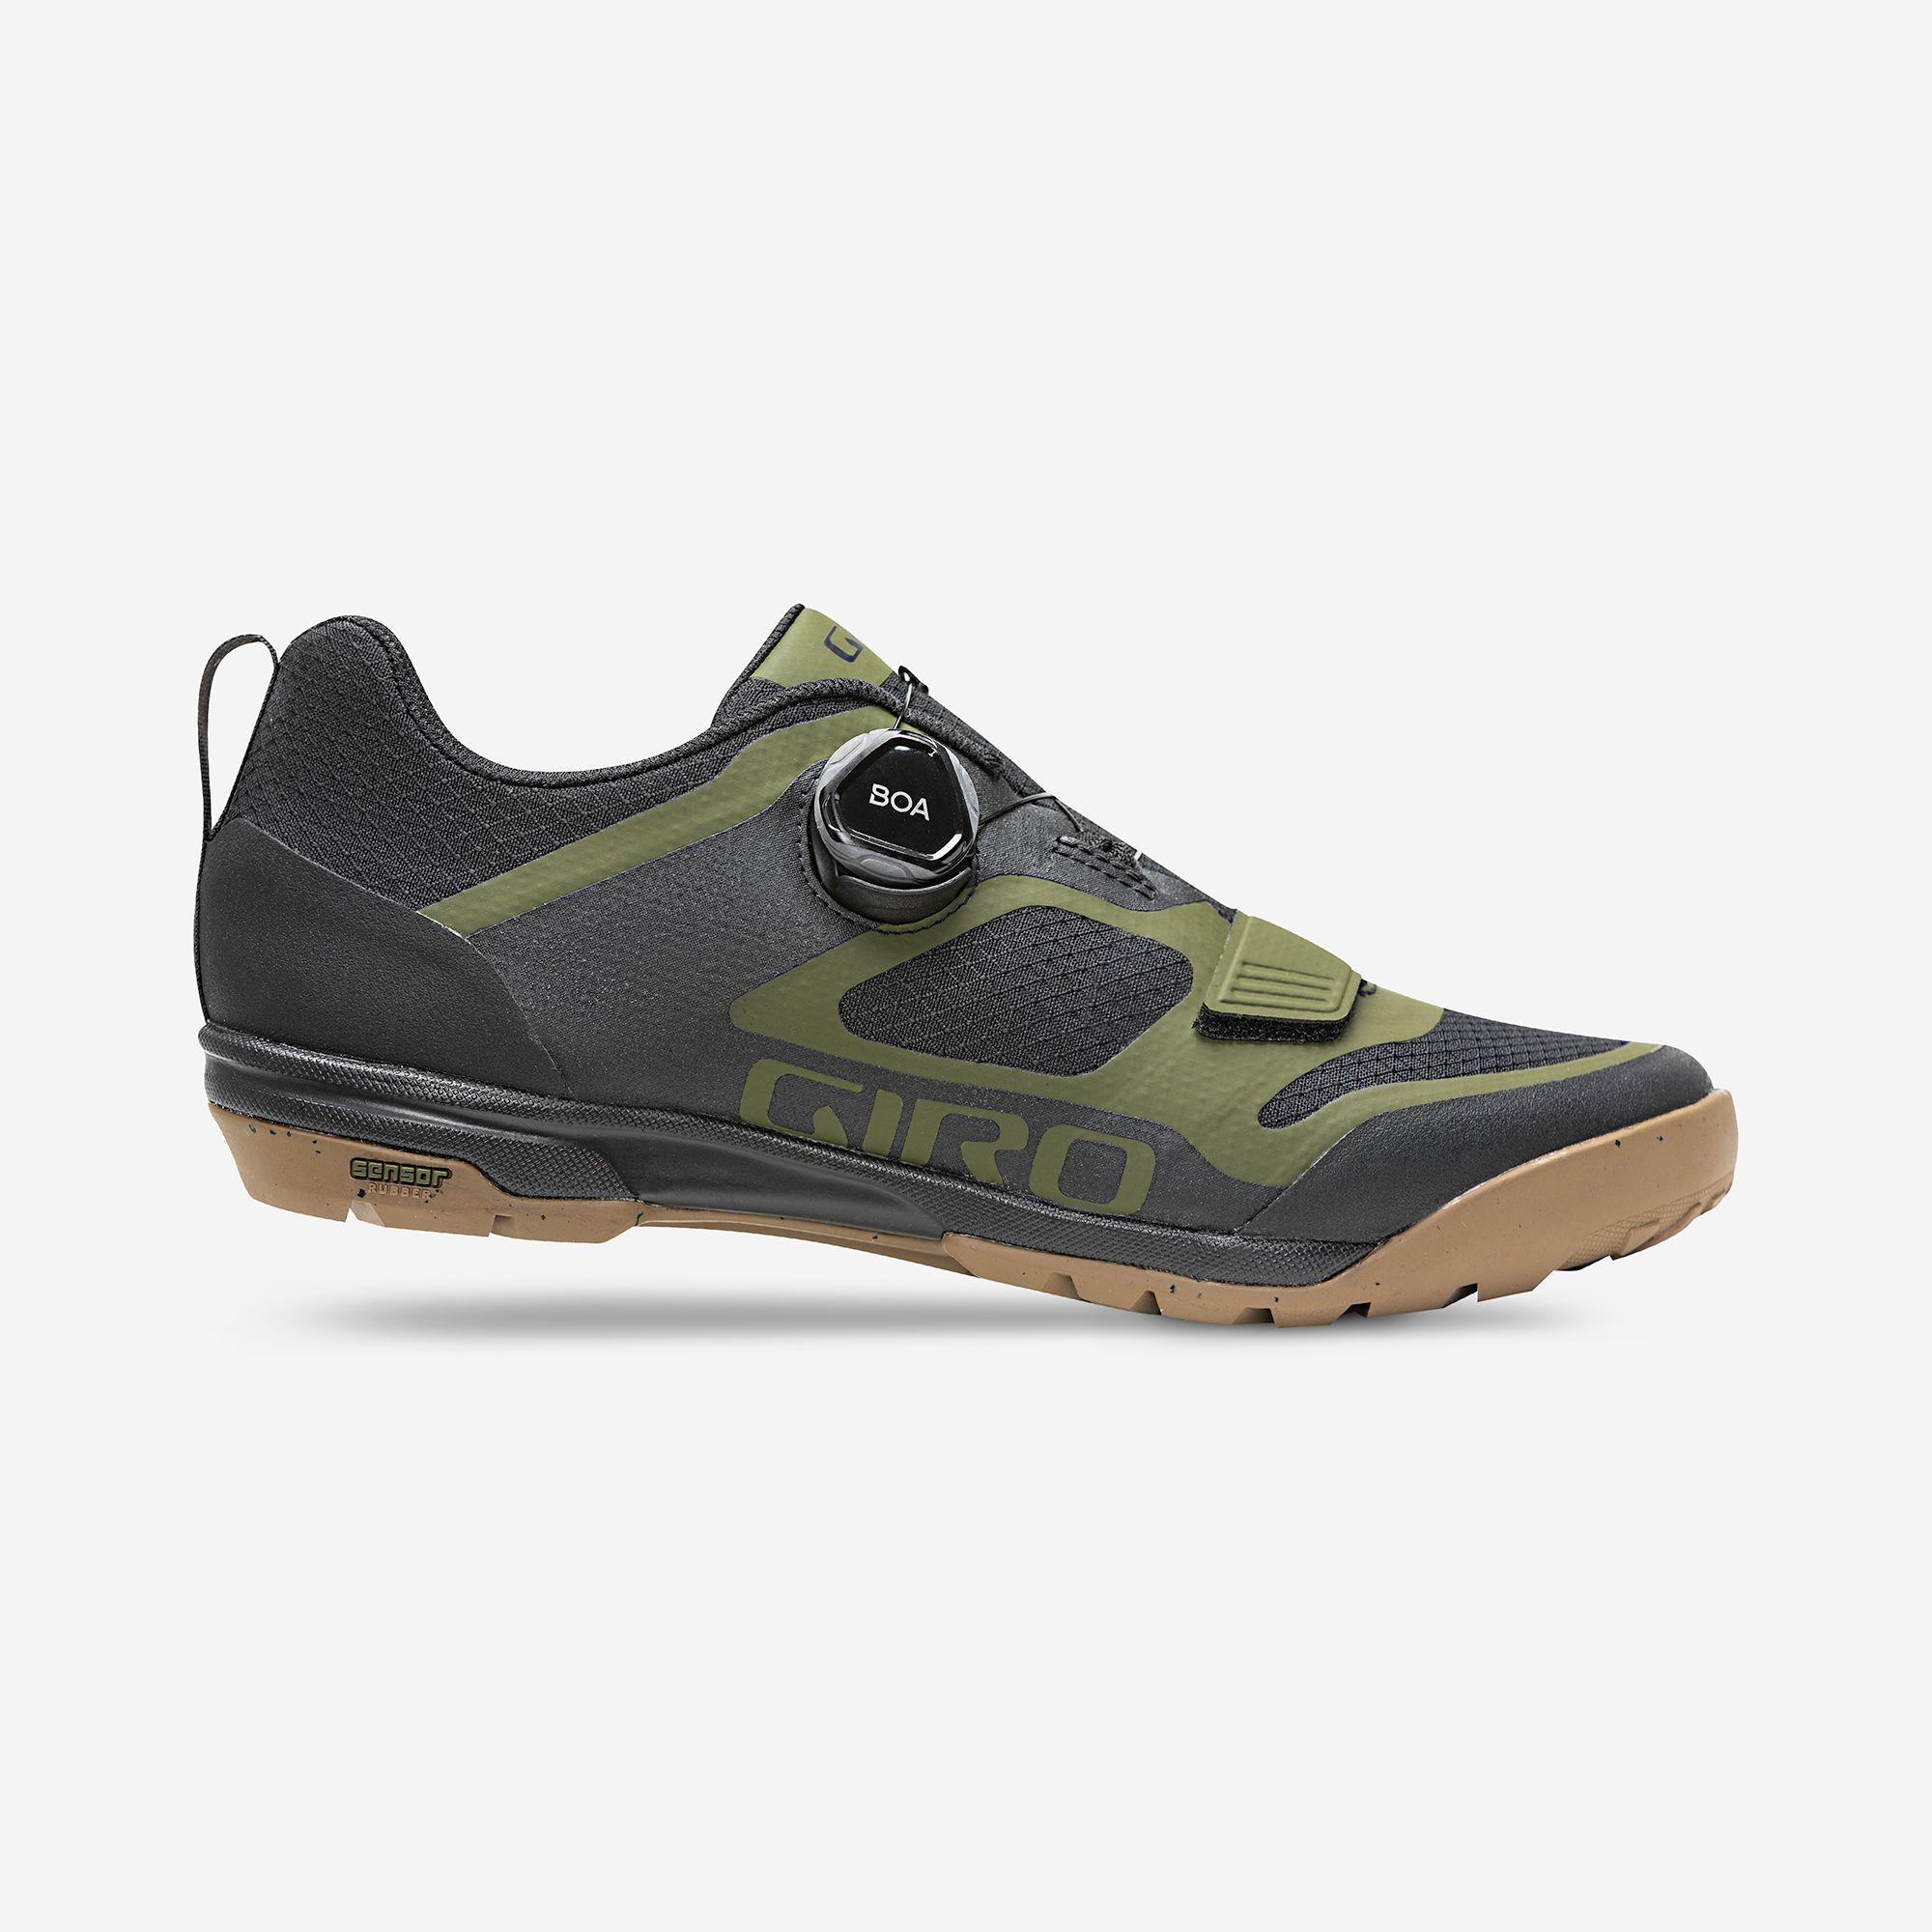 Rincon Shoe   Giro